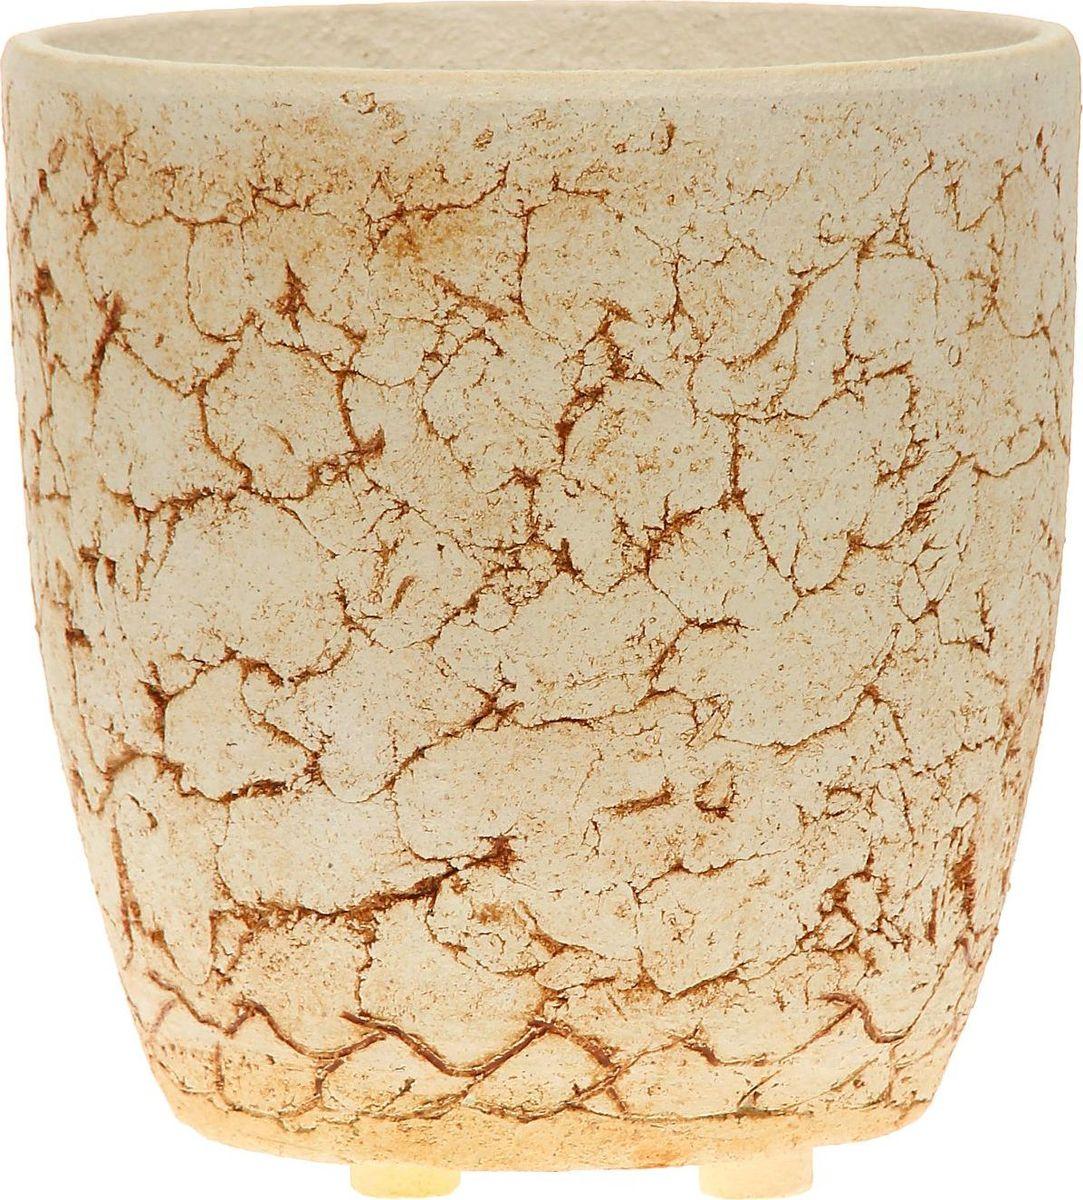 Кашпо Ривьера, 30 х 30 х 32 см1171963Комнатные растения — всеобщие любимцы. Они радуют глаз, насыщают помещение кислородом и украшают пространство. Каждому из них необходим свой удобный и красивый дом. Кашпо из керамики прекрасно подходят для высадки растений: за счет пластичности глины и разных способов обработки существует великое множество форм и дизайнов пористый материал позволяет испаряться лишней влаге воздух, необходимый для дыхания корней, проникает сквозь керамические стенки! позаботится о зеленом питомце, освежит интерьер и подчеркнет его стиль.